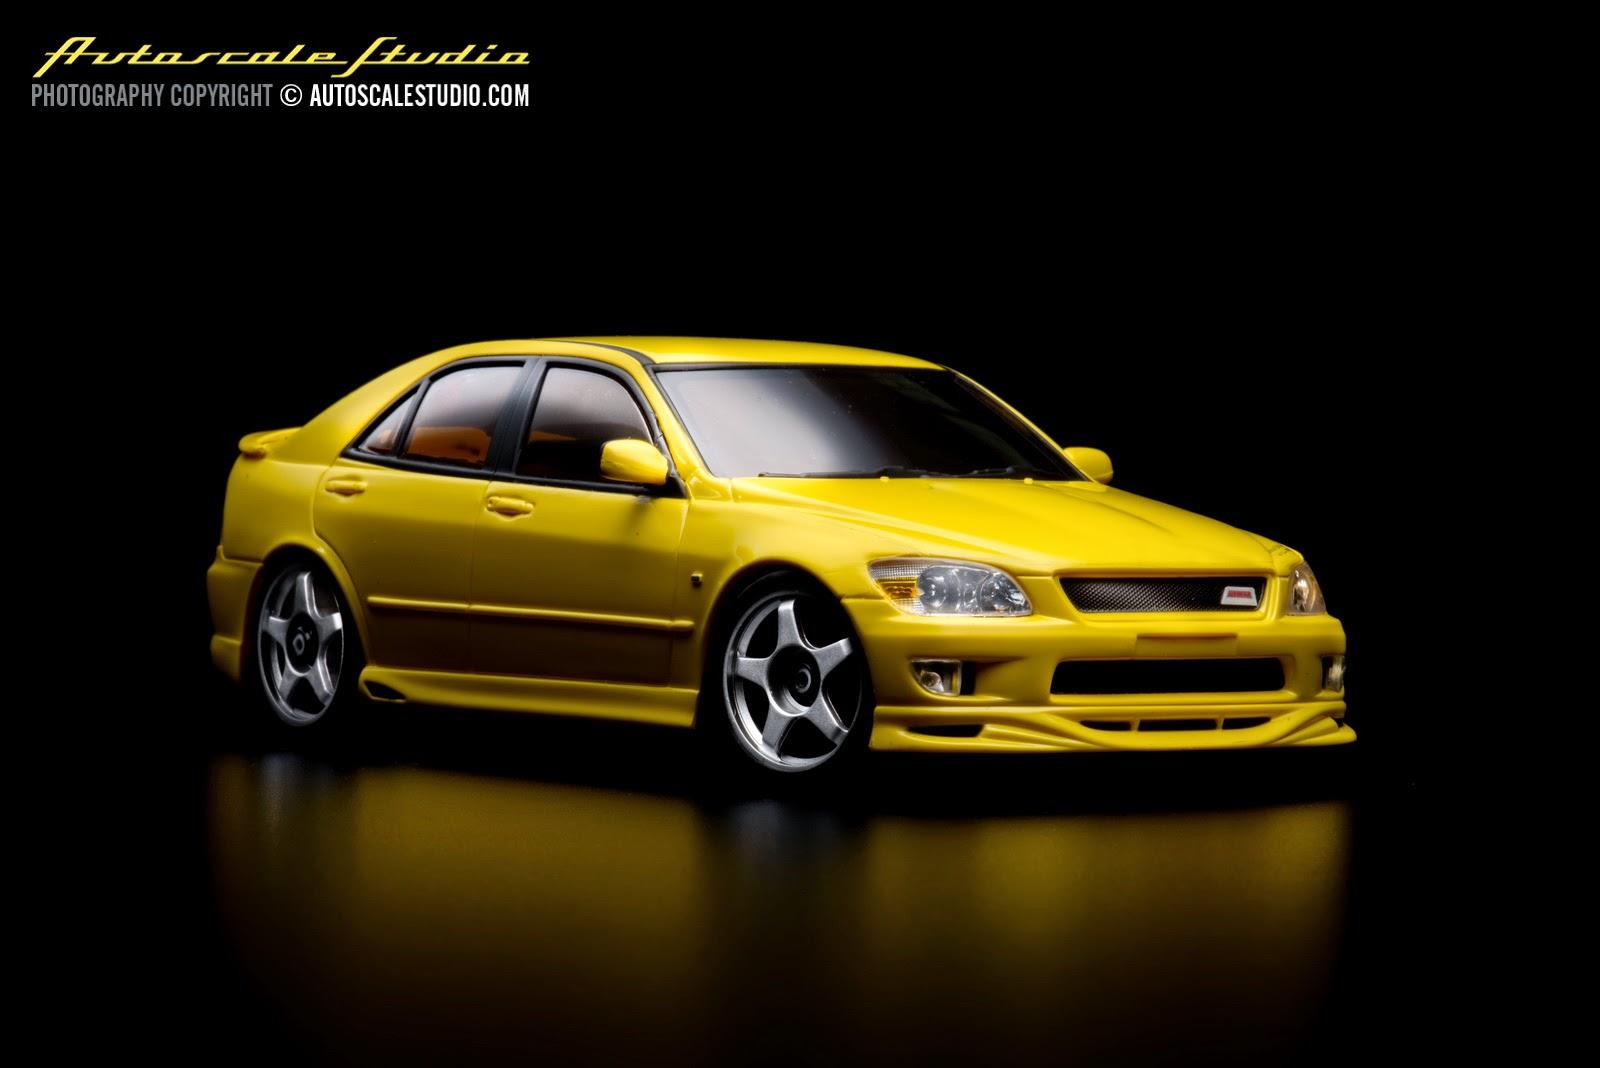 Mzc9y Toyota Altezza 280t Tom S Lexus Is200 Yellow